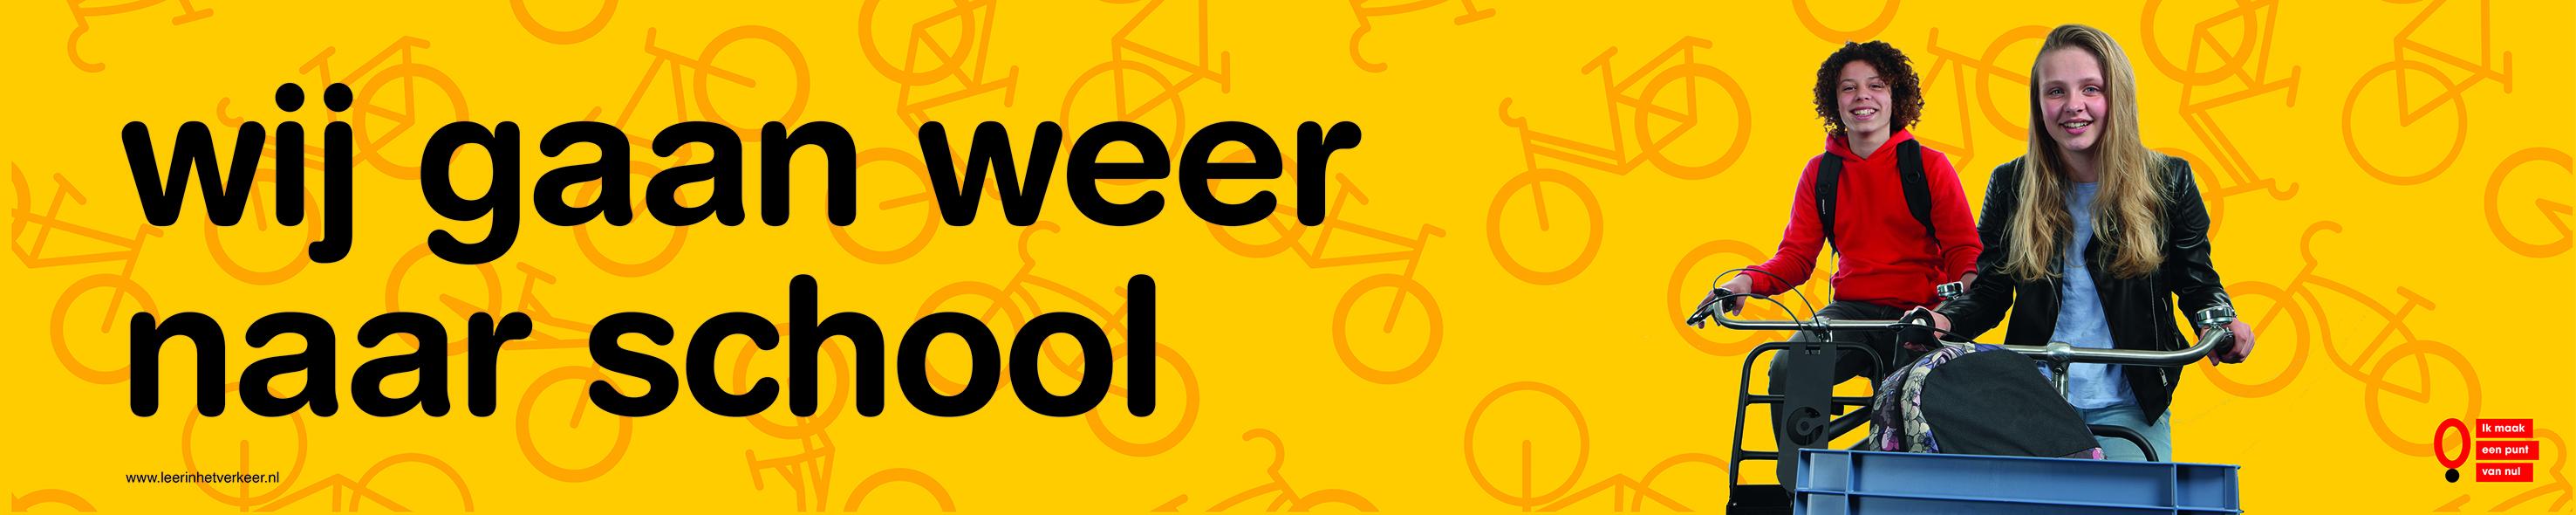 campagne wij gaan weer naar school start schooljaar kinderen veilig naar school verkeersveiligheid rondom scholen in schoolomgeving en schoolzone na de zomervakantie weggebruikers wijzen op meer kinderen op de weg om ongelukken te voorkomen